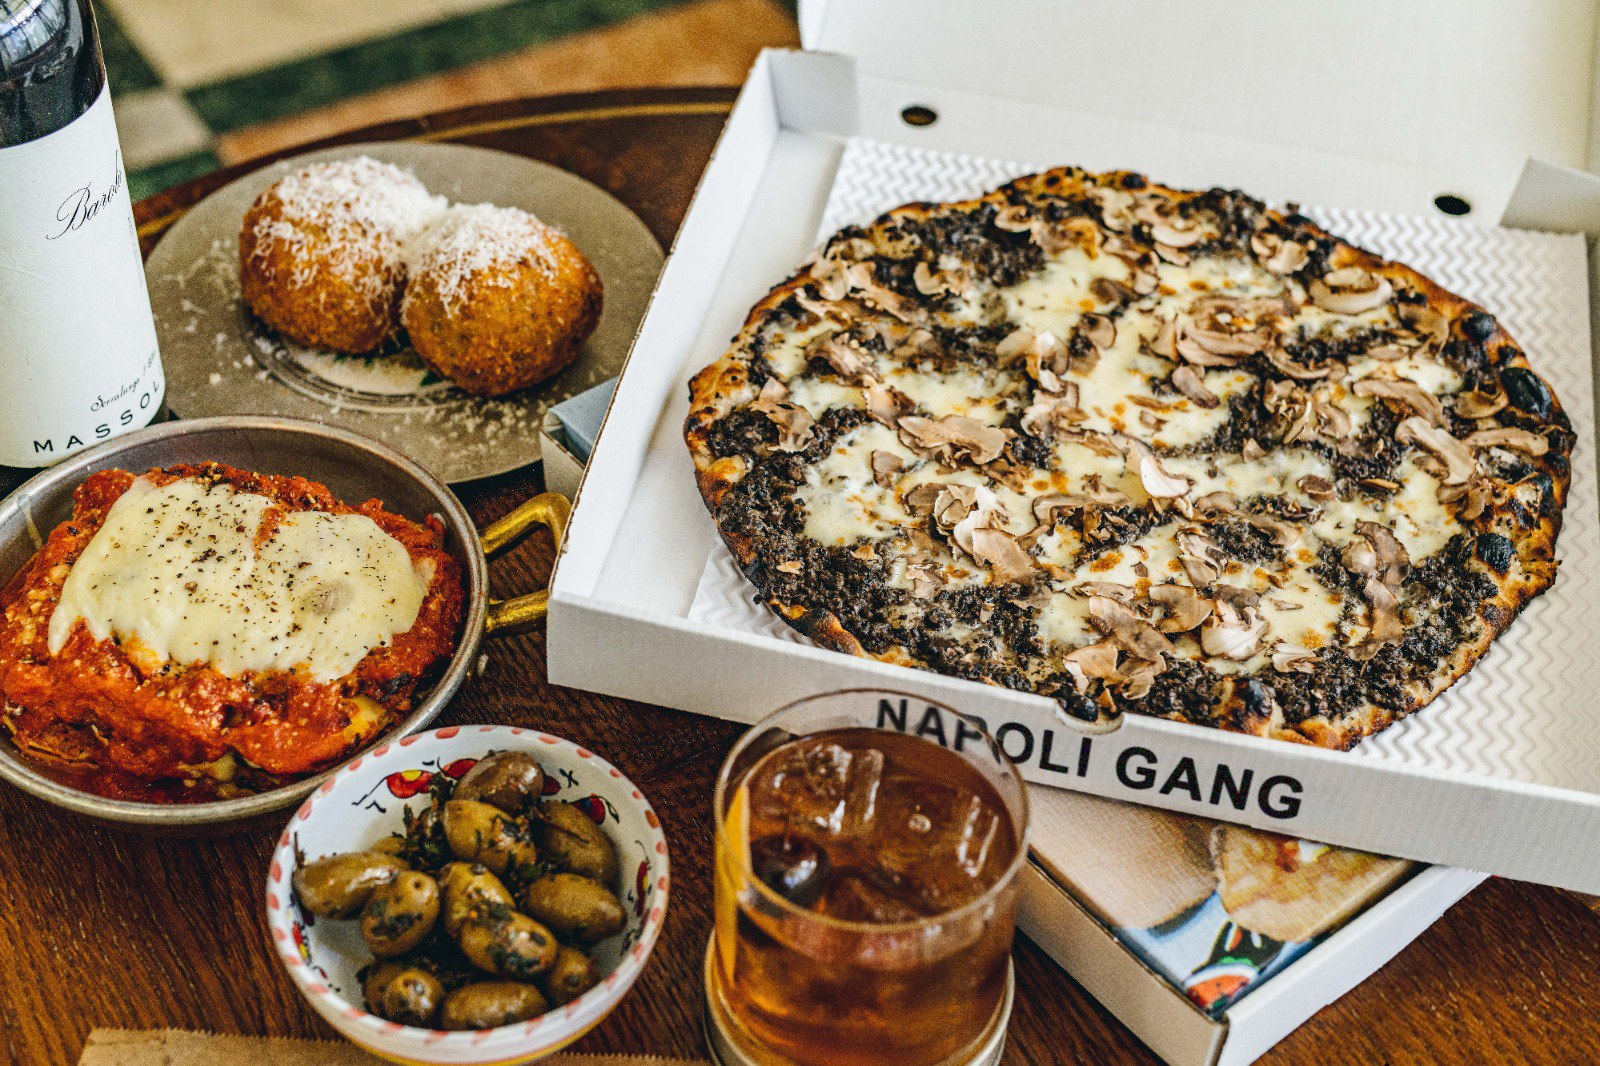 Napoli Gang pizza